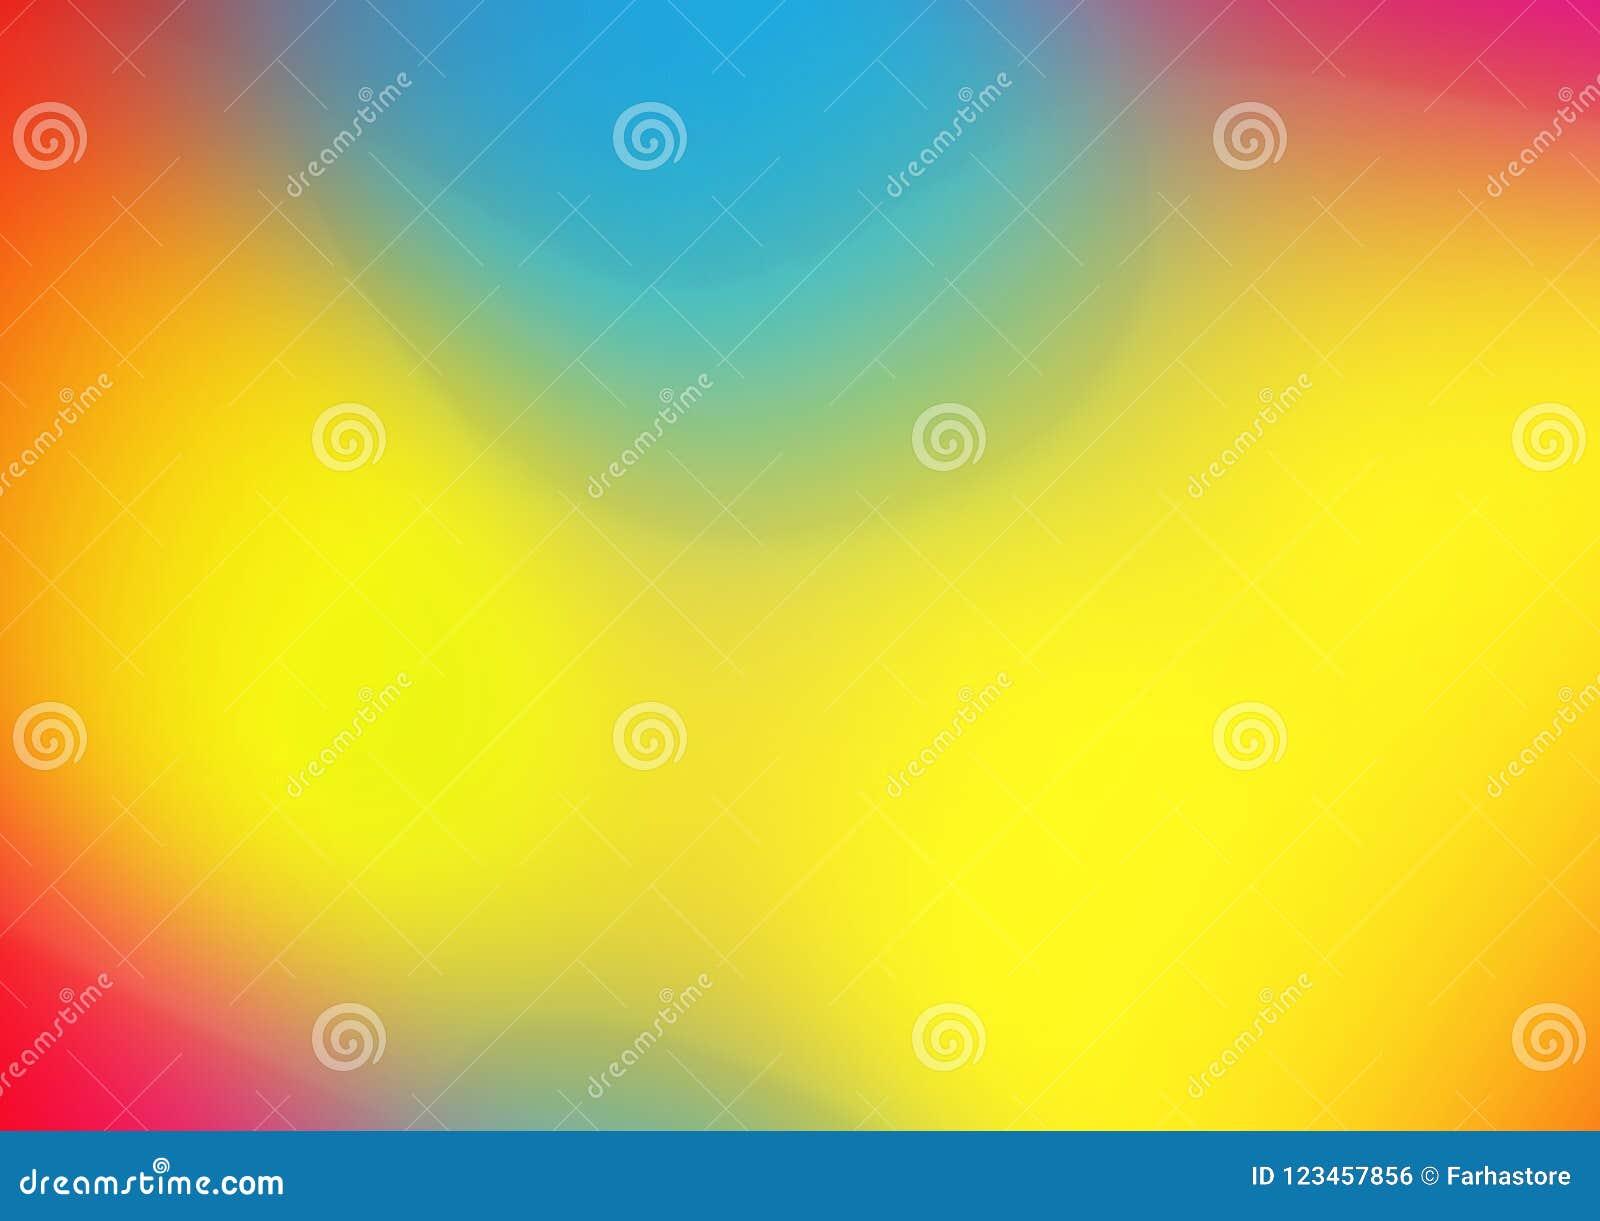 Κόκκινο πορτοκαλί κίτρινο μπλε φωτεινό υπόβαθρο σύστασης watercolor εμβλημάτων κλίσης ζωηρόχρωμο οριζόντιο